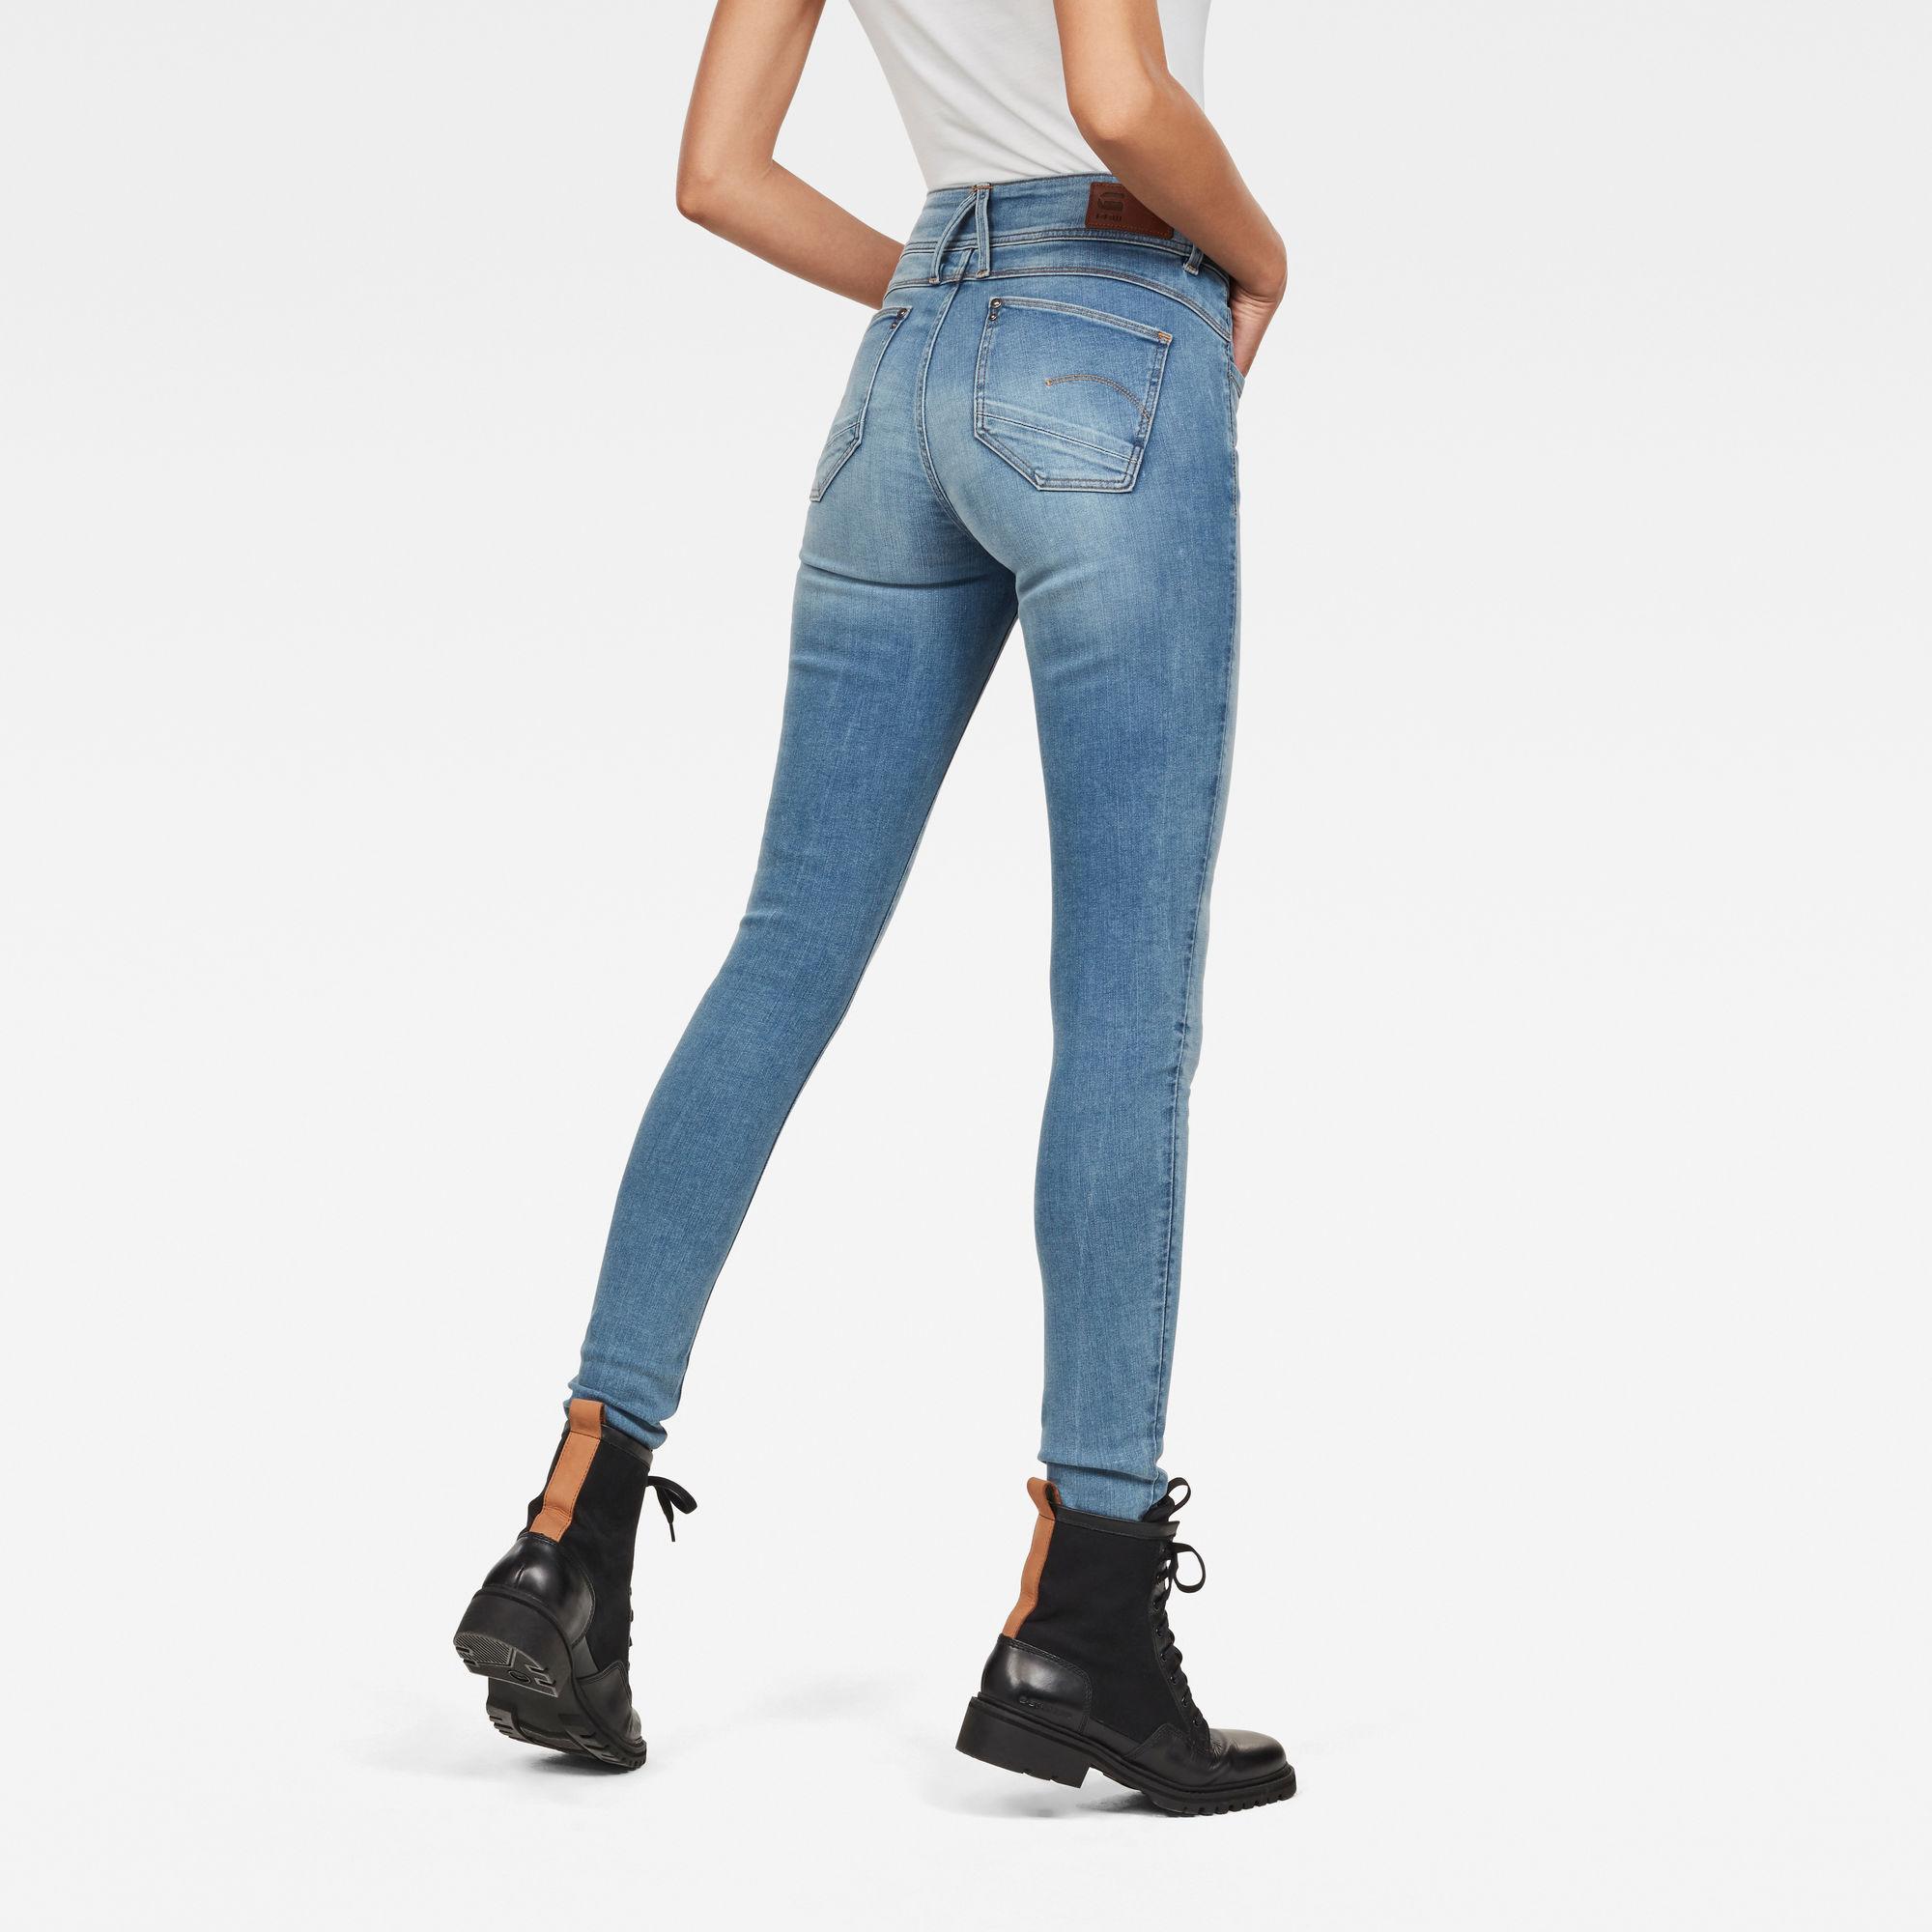 G-Star RAW Lynn High Super Skinny Jeans